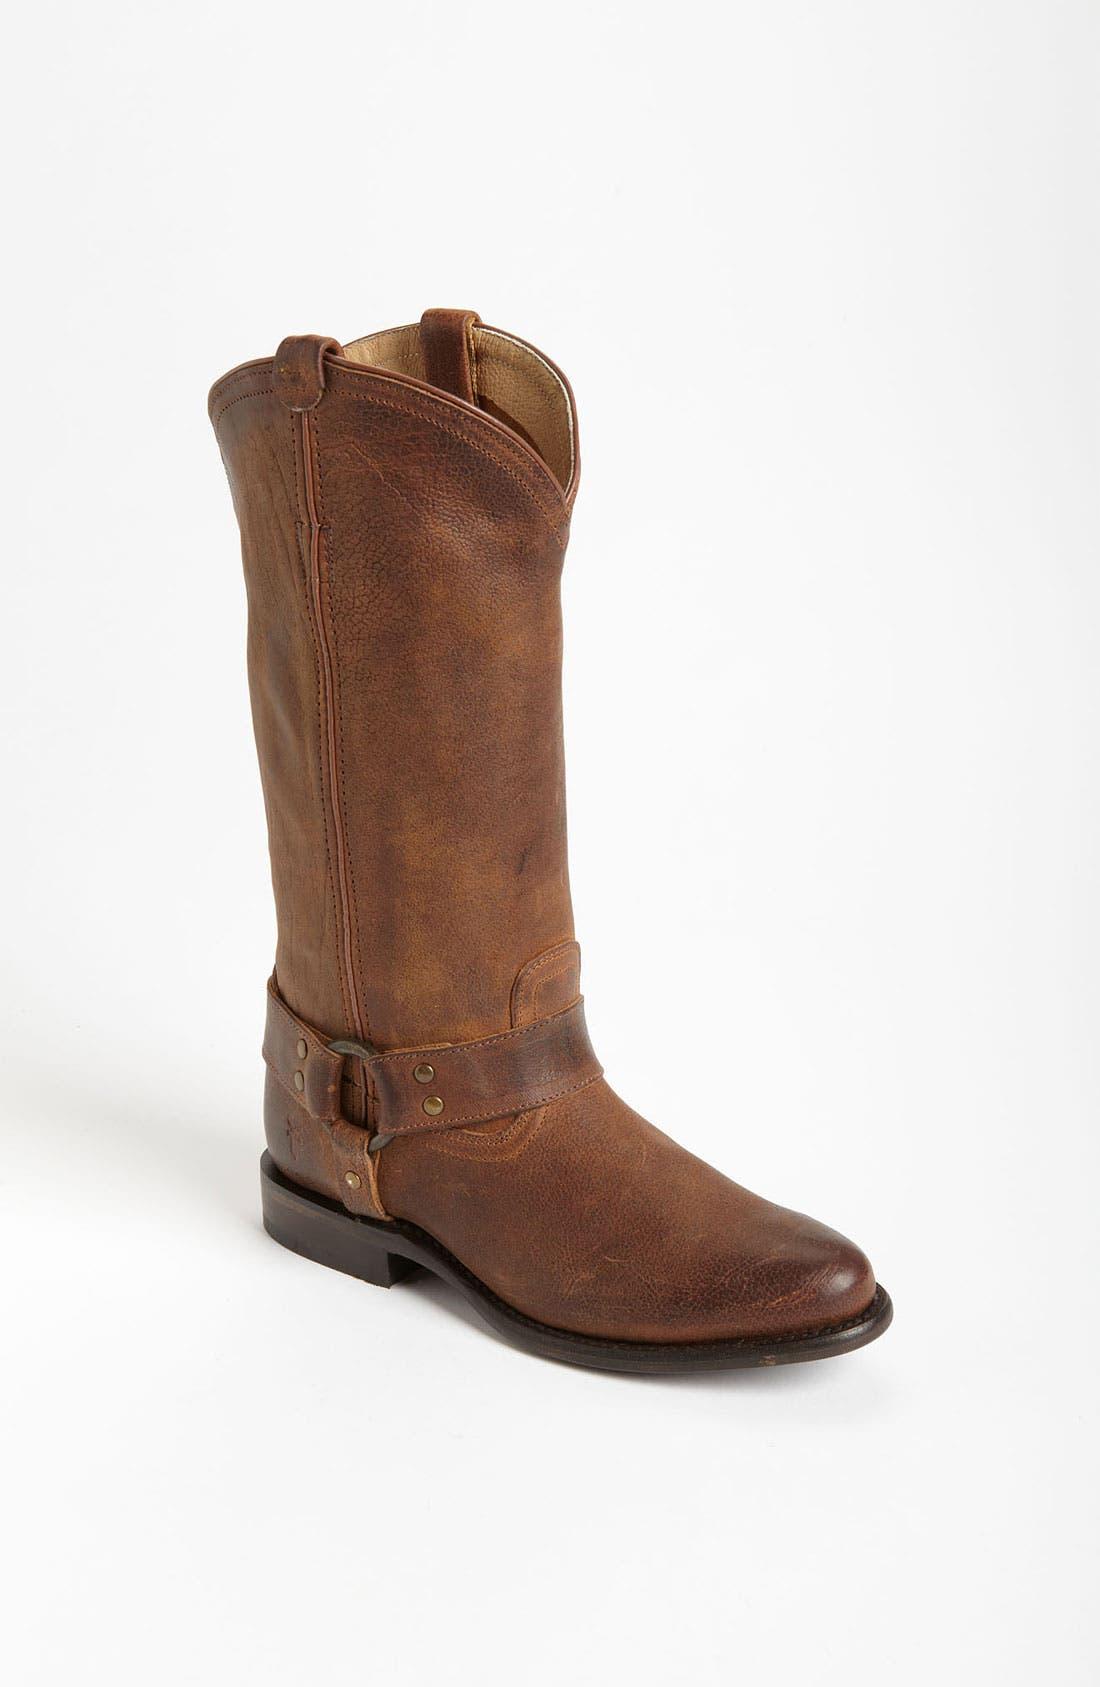 Main Image - Frye 'Wyatt' Harness Boot